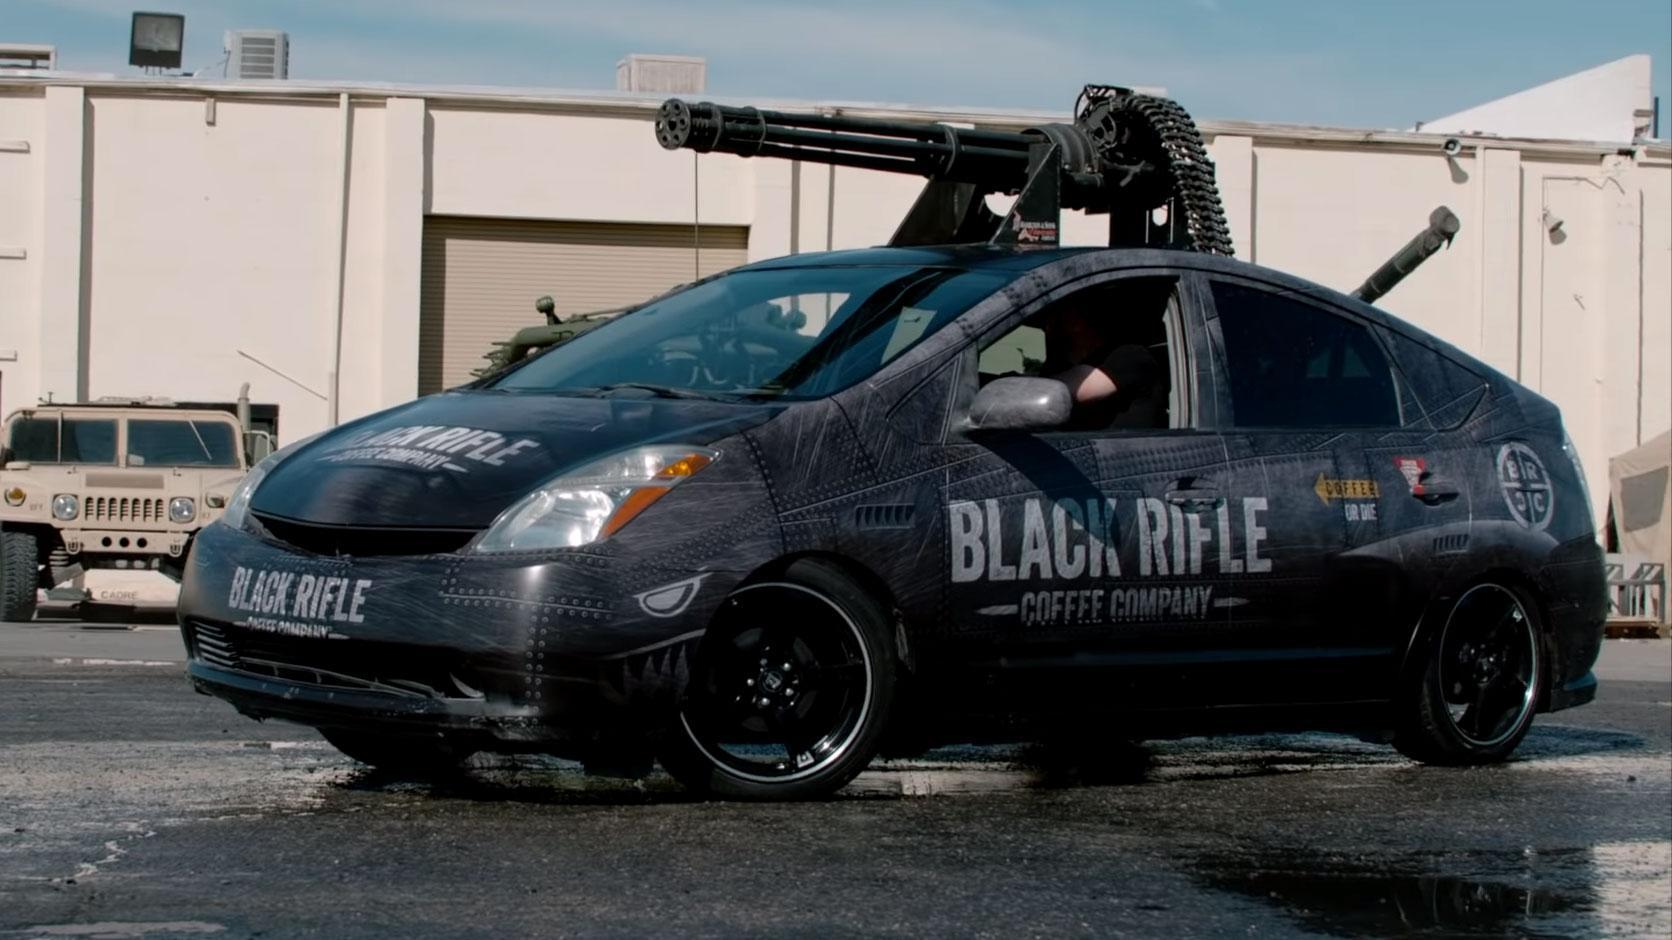 Gasten plaatsen een M61 Vulcan-gun op Toyota Prius